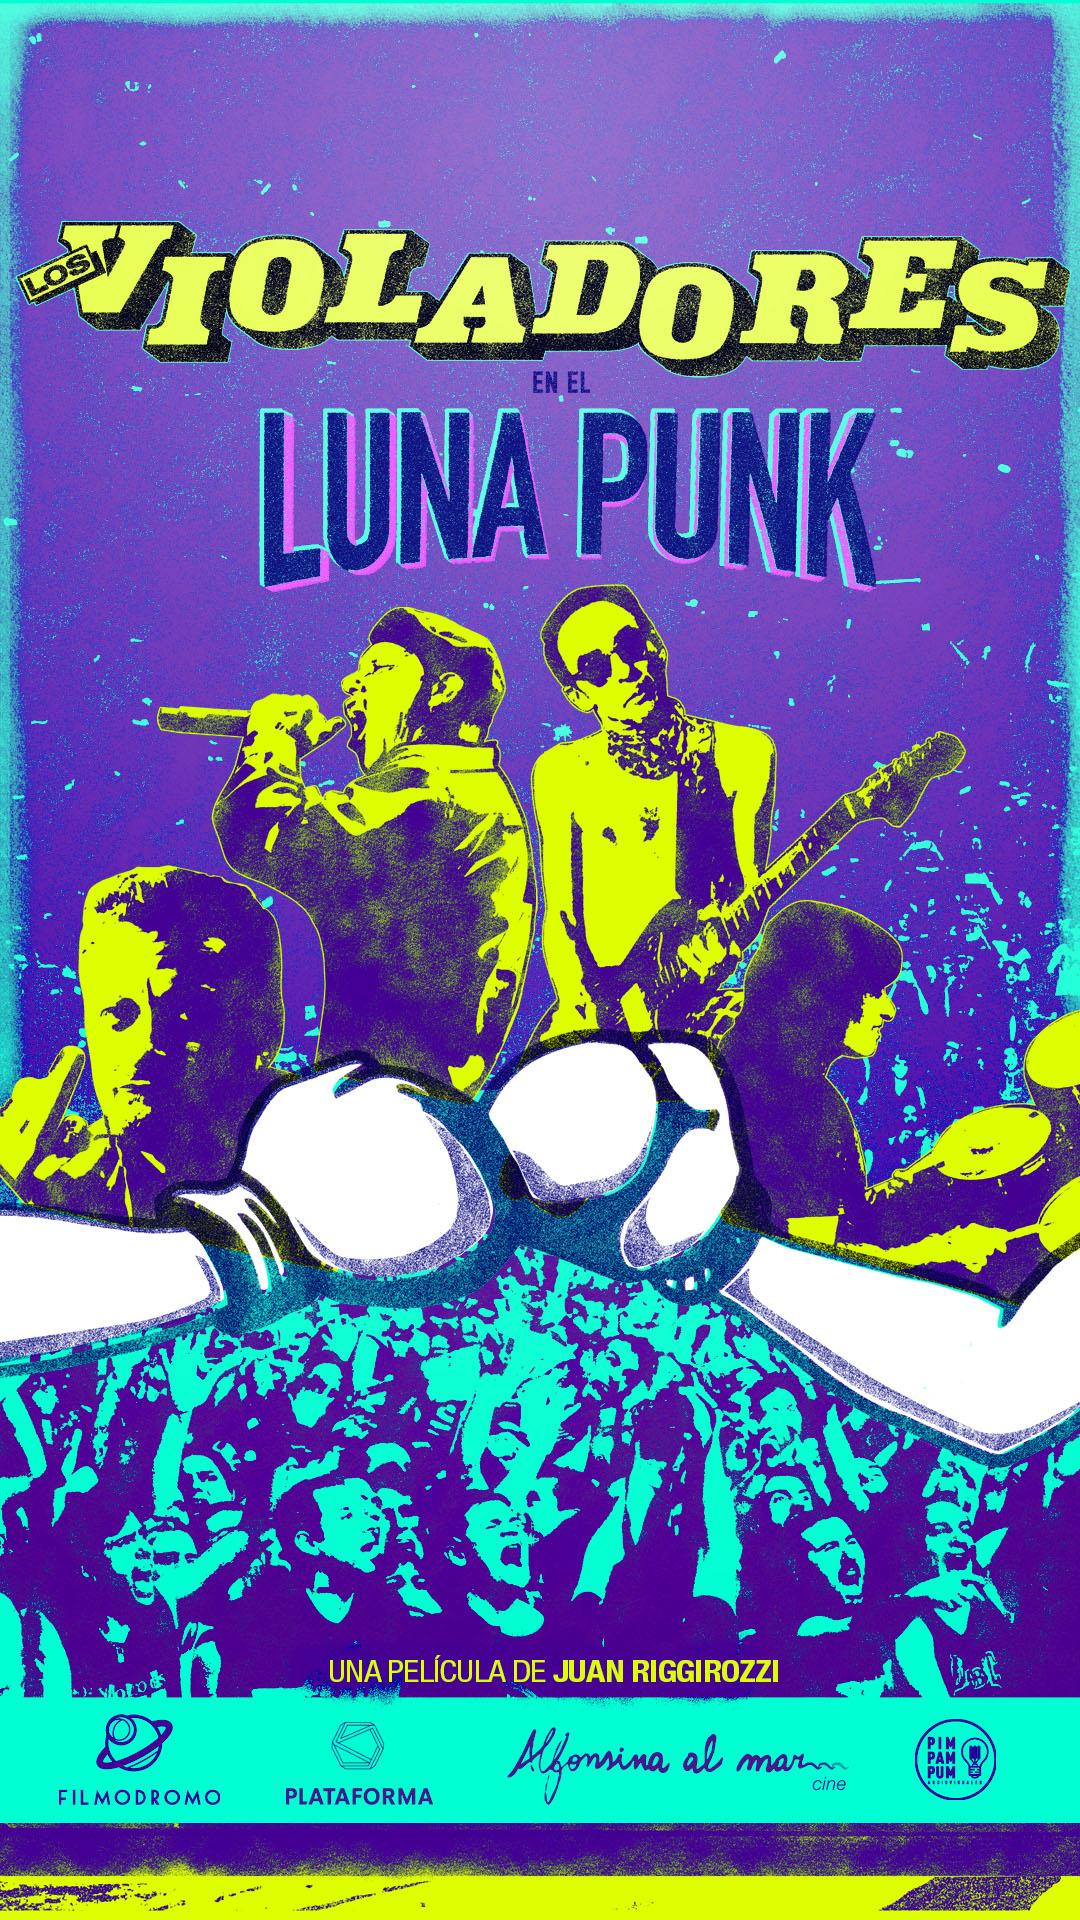 Los Violadores - En el Luna Punk